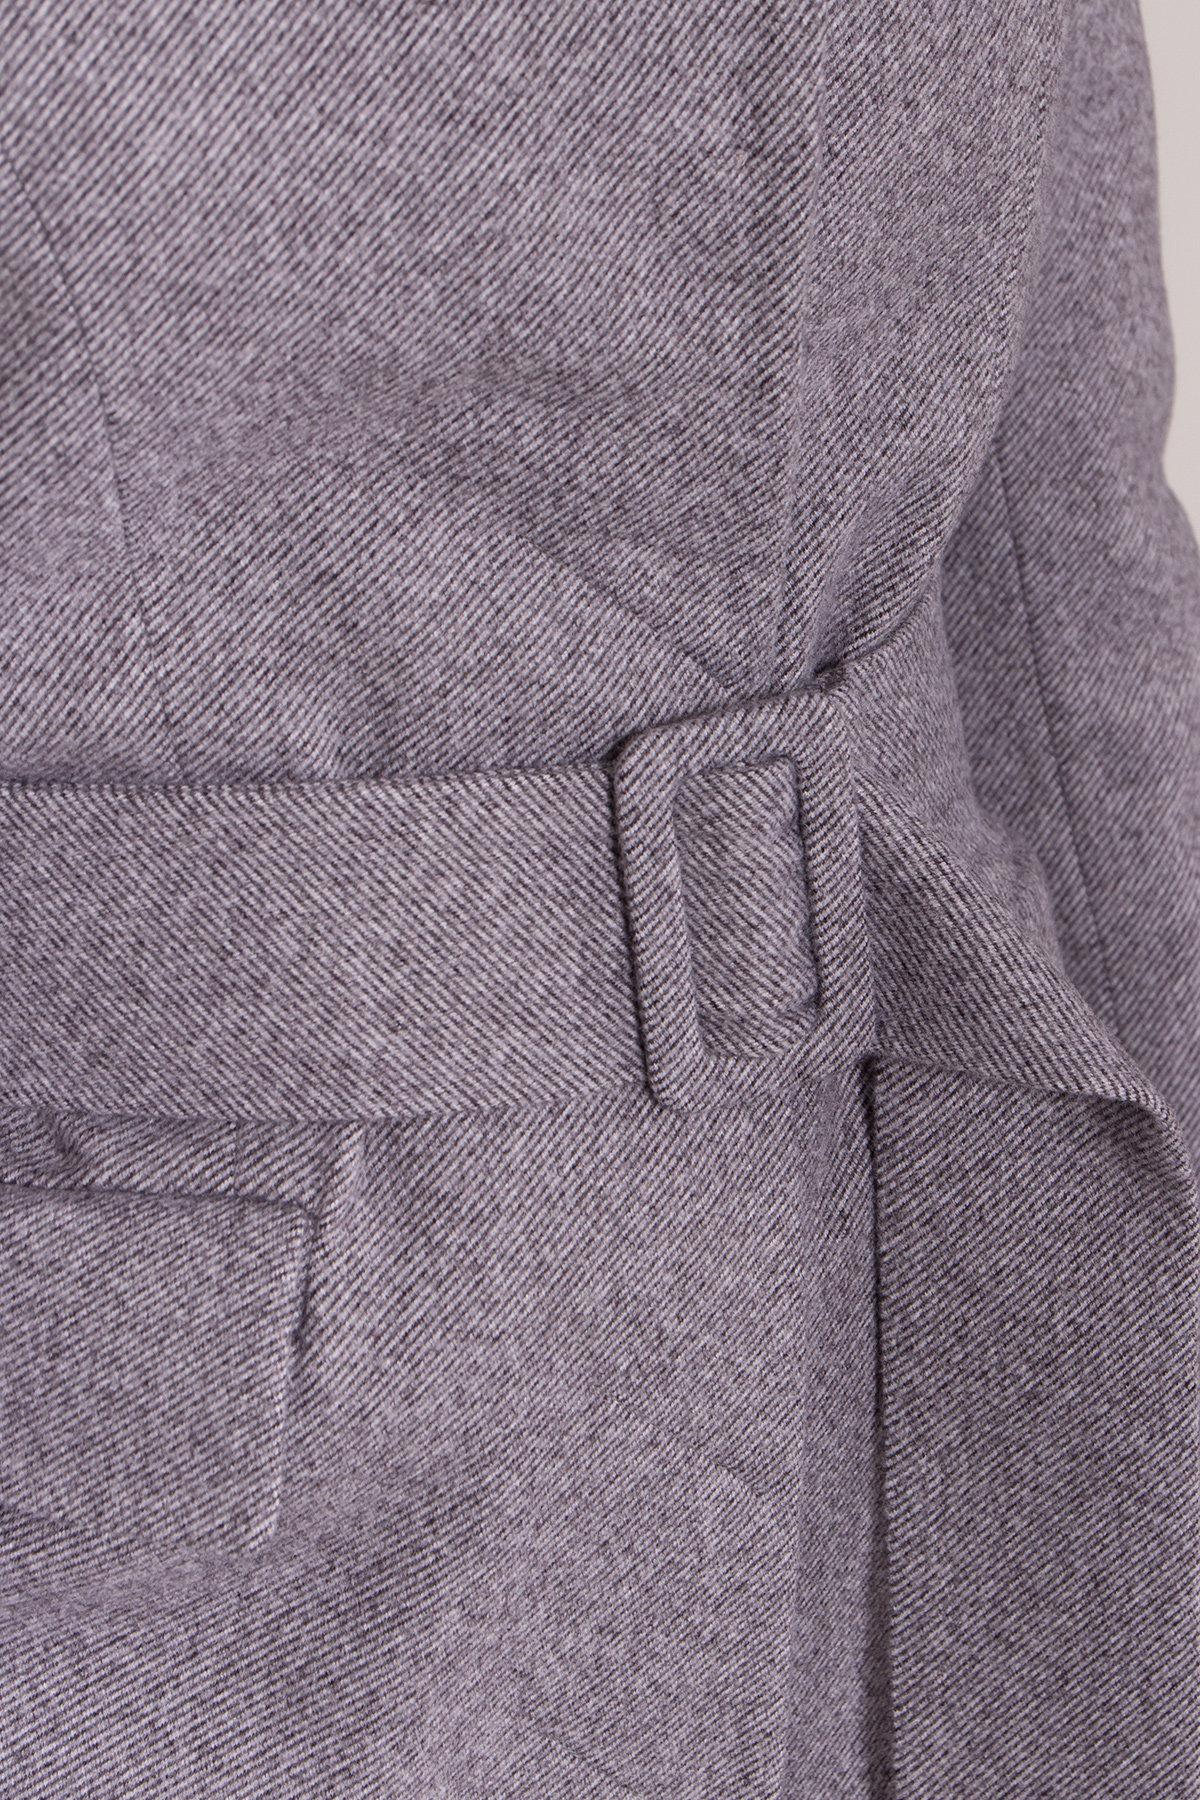 Полуприталенное зимнее пальто с отложным воротником Лабио 8182 АРТ. 44189 Цвет: Серый 2 - фото 11, интернет магазин tm-modus.ru